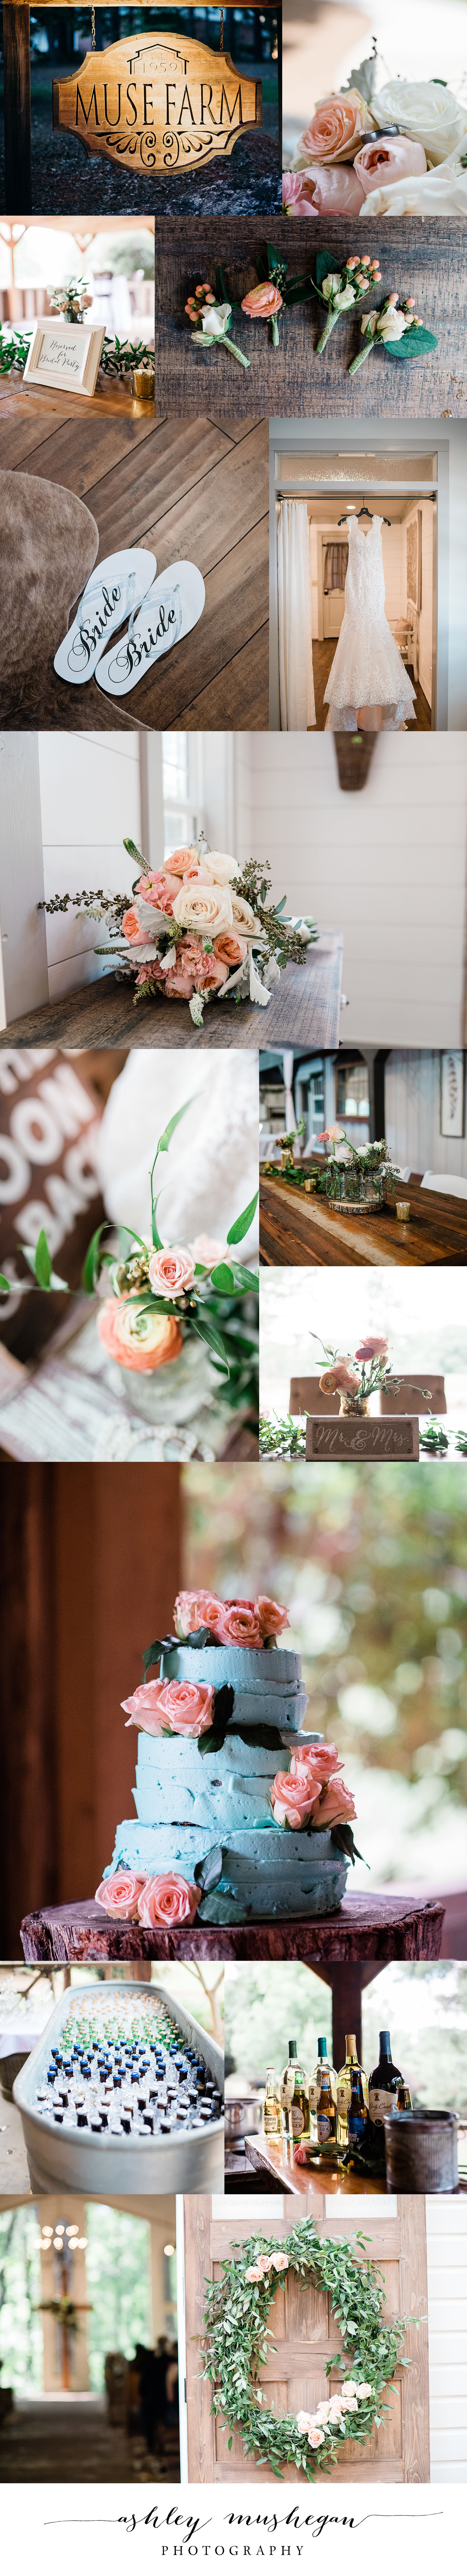 Perkins wedding blog 1a.jpg